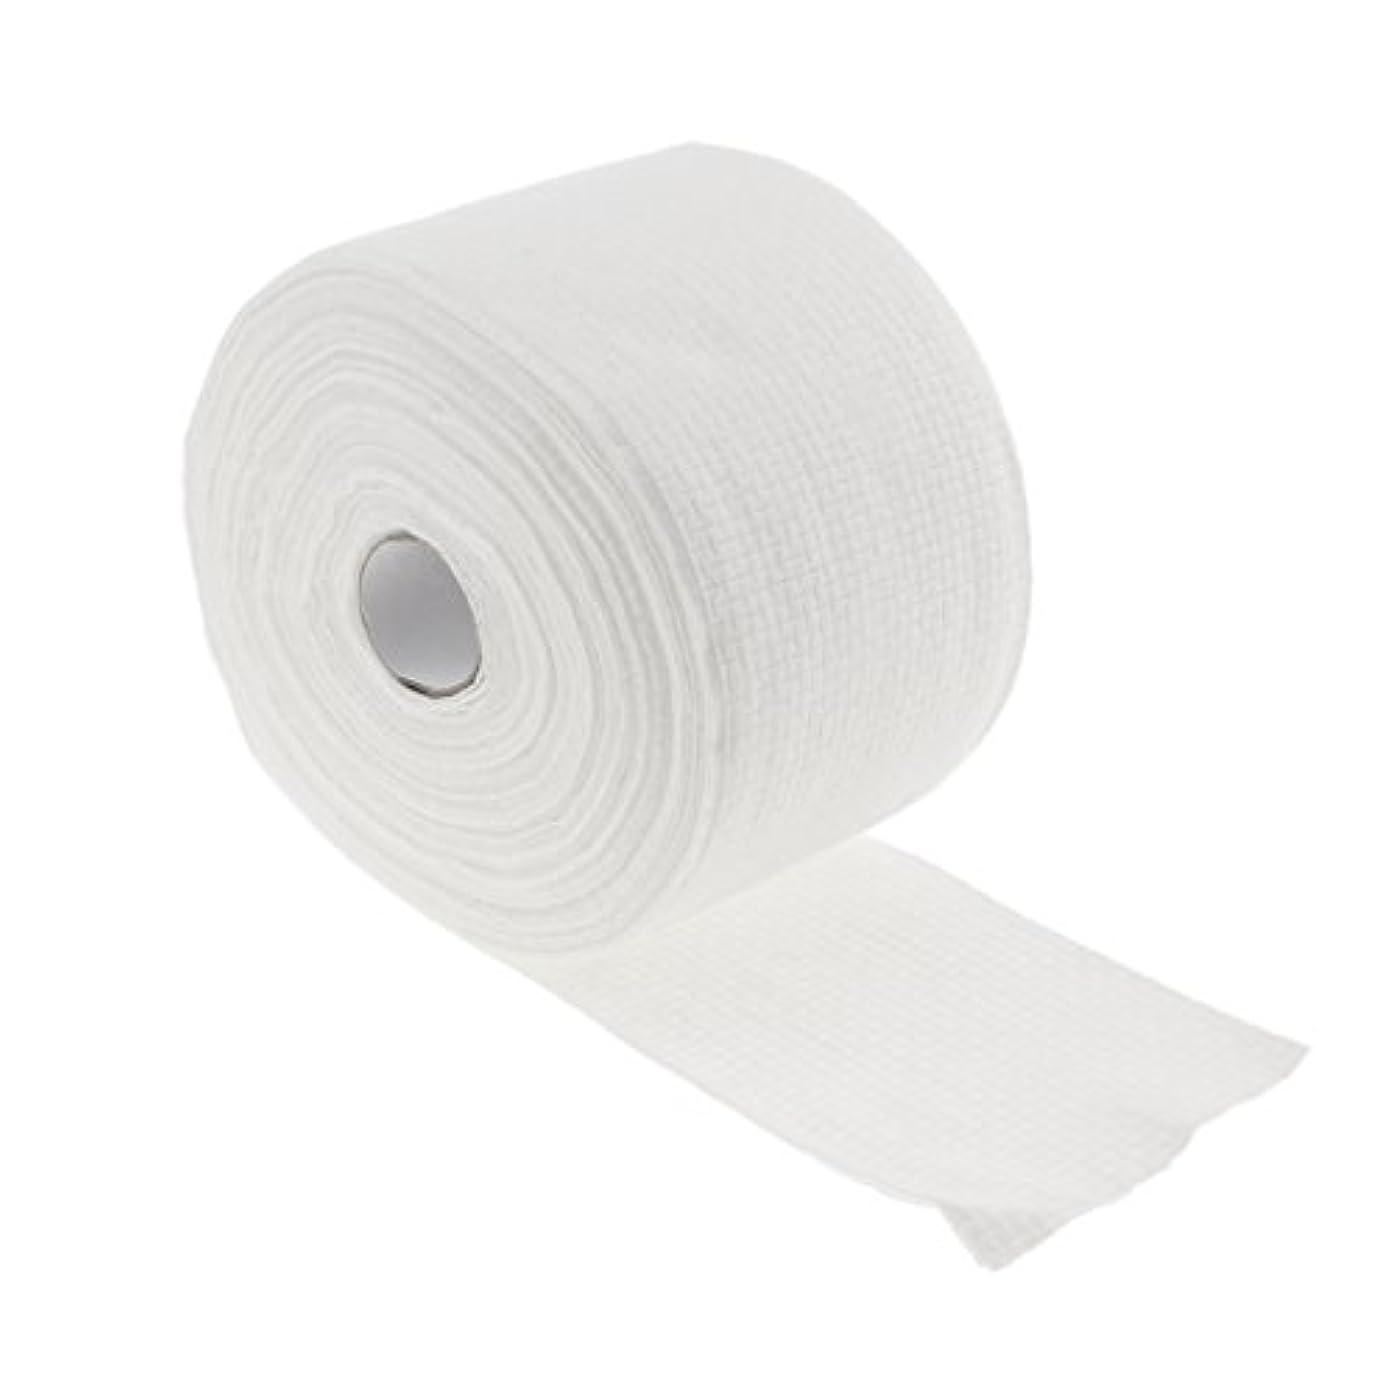 マカダム振る誰でも1ロール30メートル使い捨てタオル繊維クレンジングフェイシャルワイプメイクリムーバー - #1